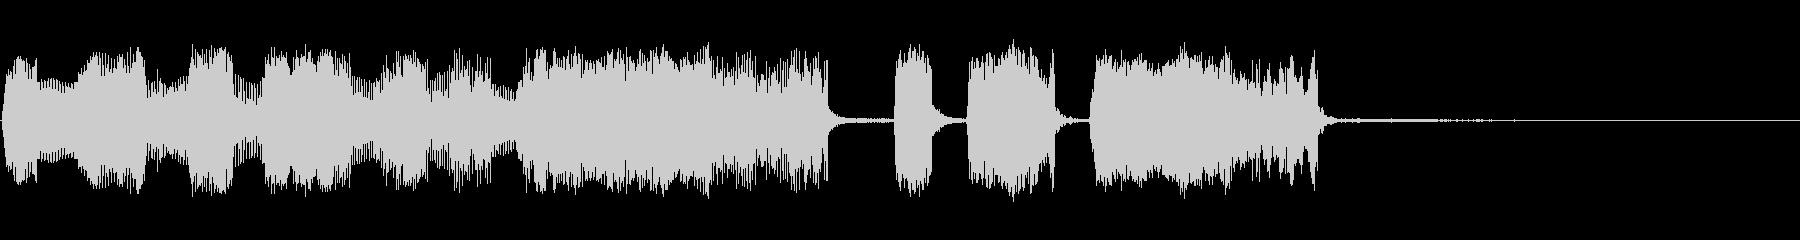 【パステルカラー3】の未再生の波形